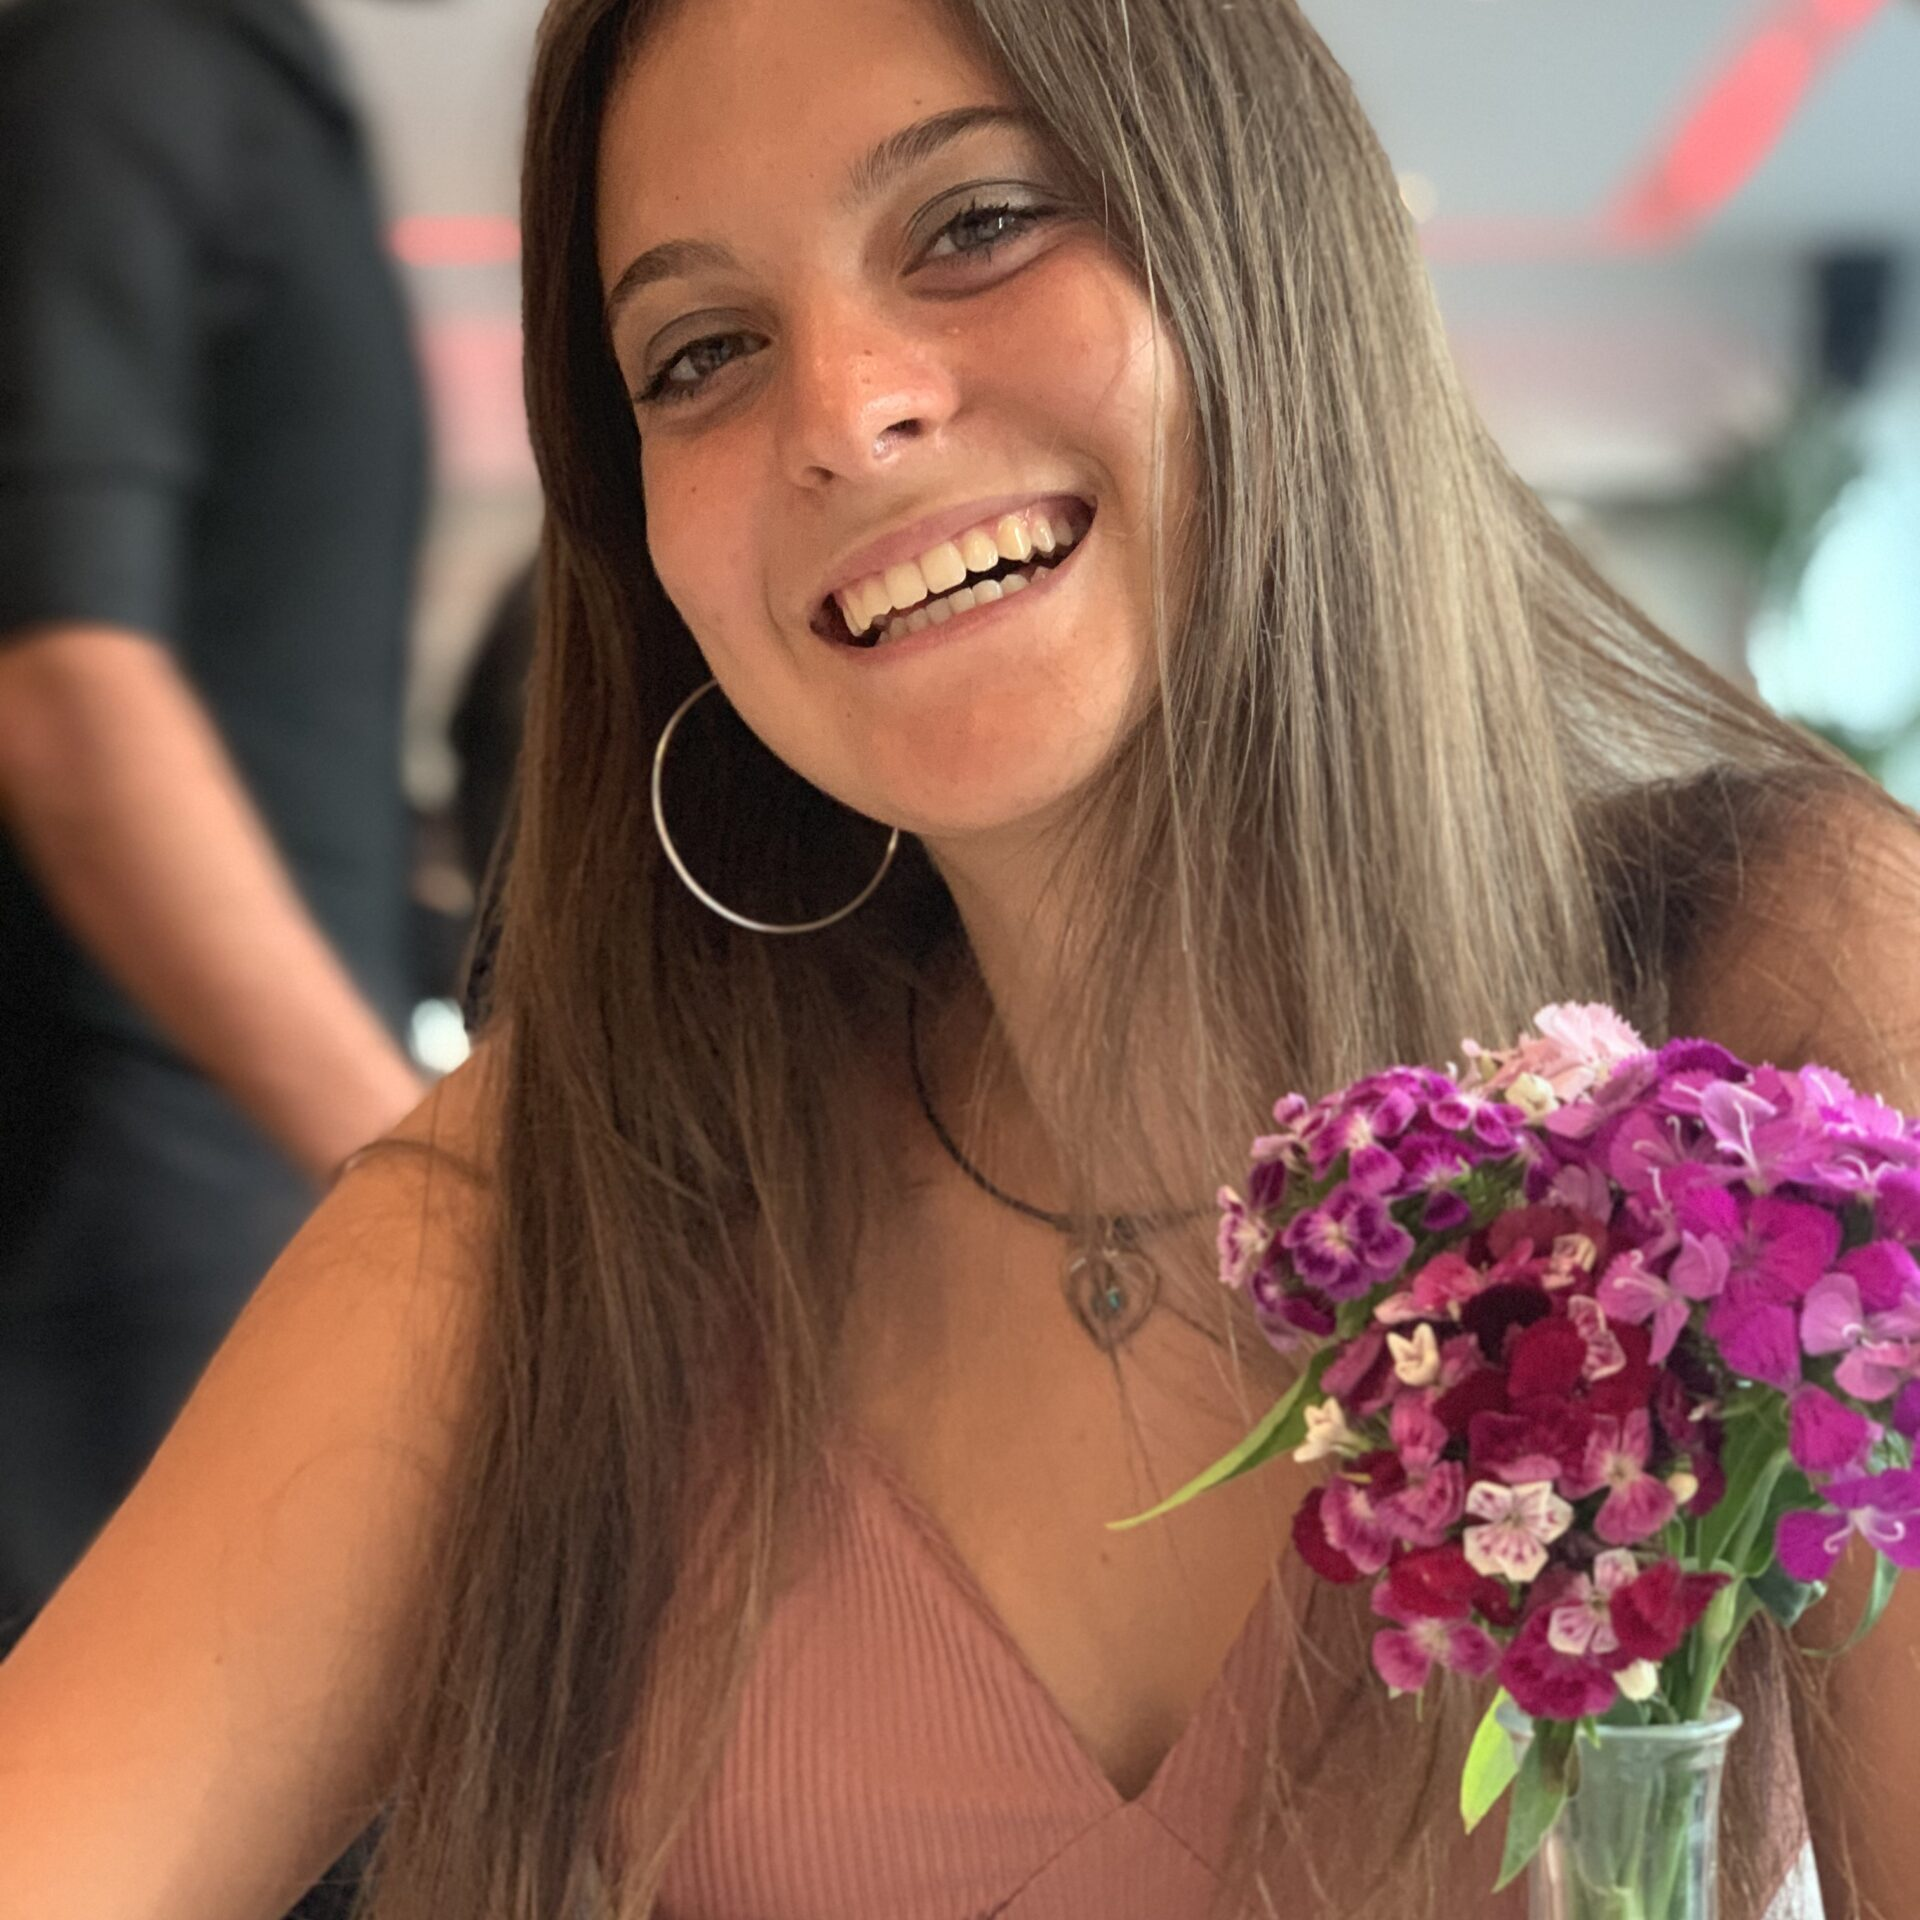 Eleonora Lo Prato